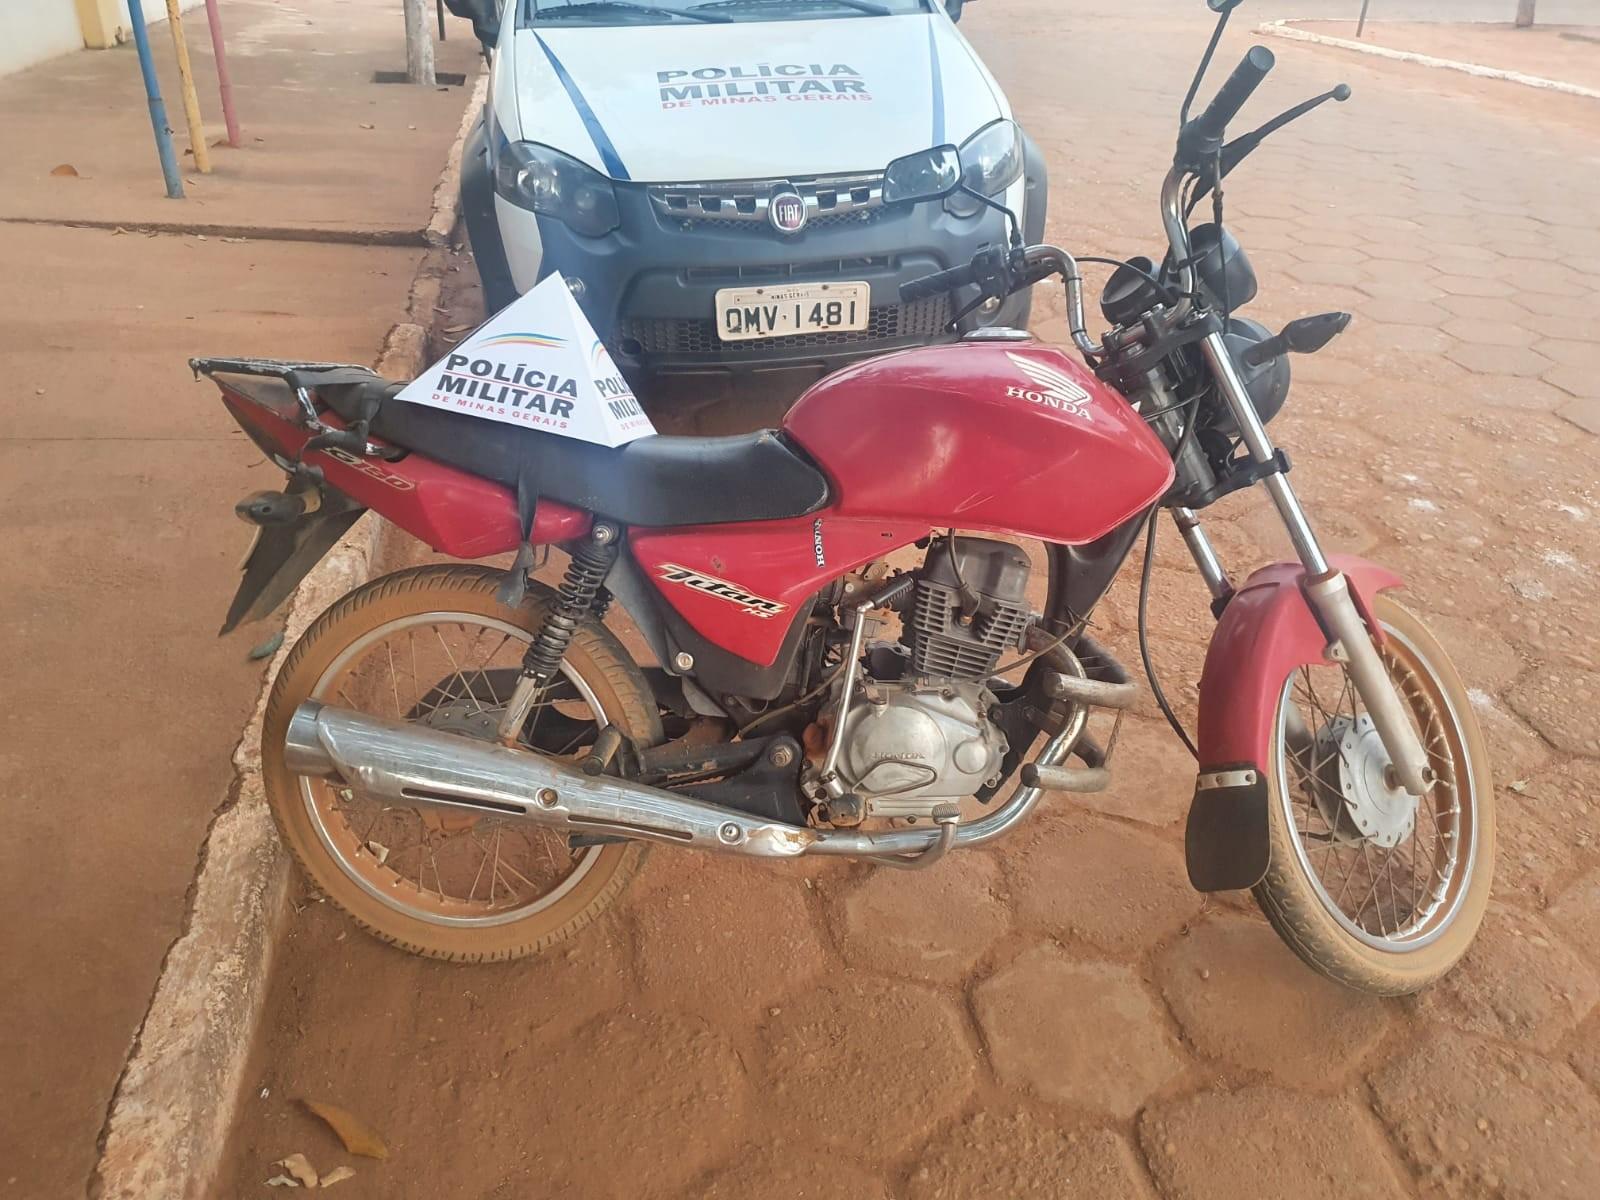 Homem é preso por receptação ao ser abordado pilotando moto roubada em Novorizonte